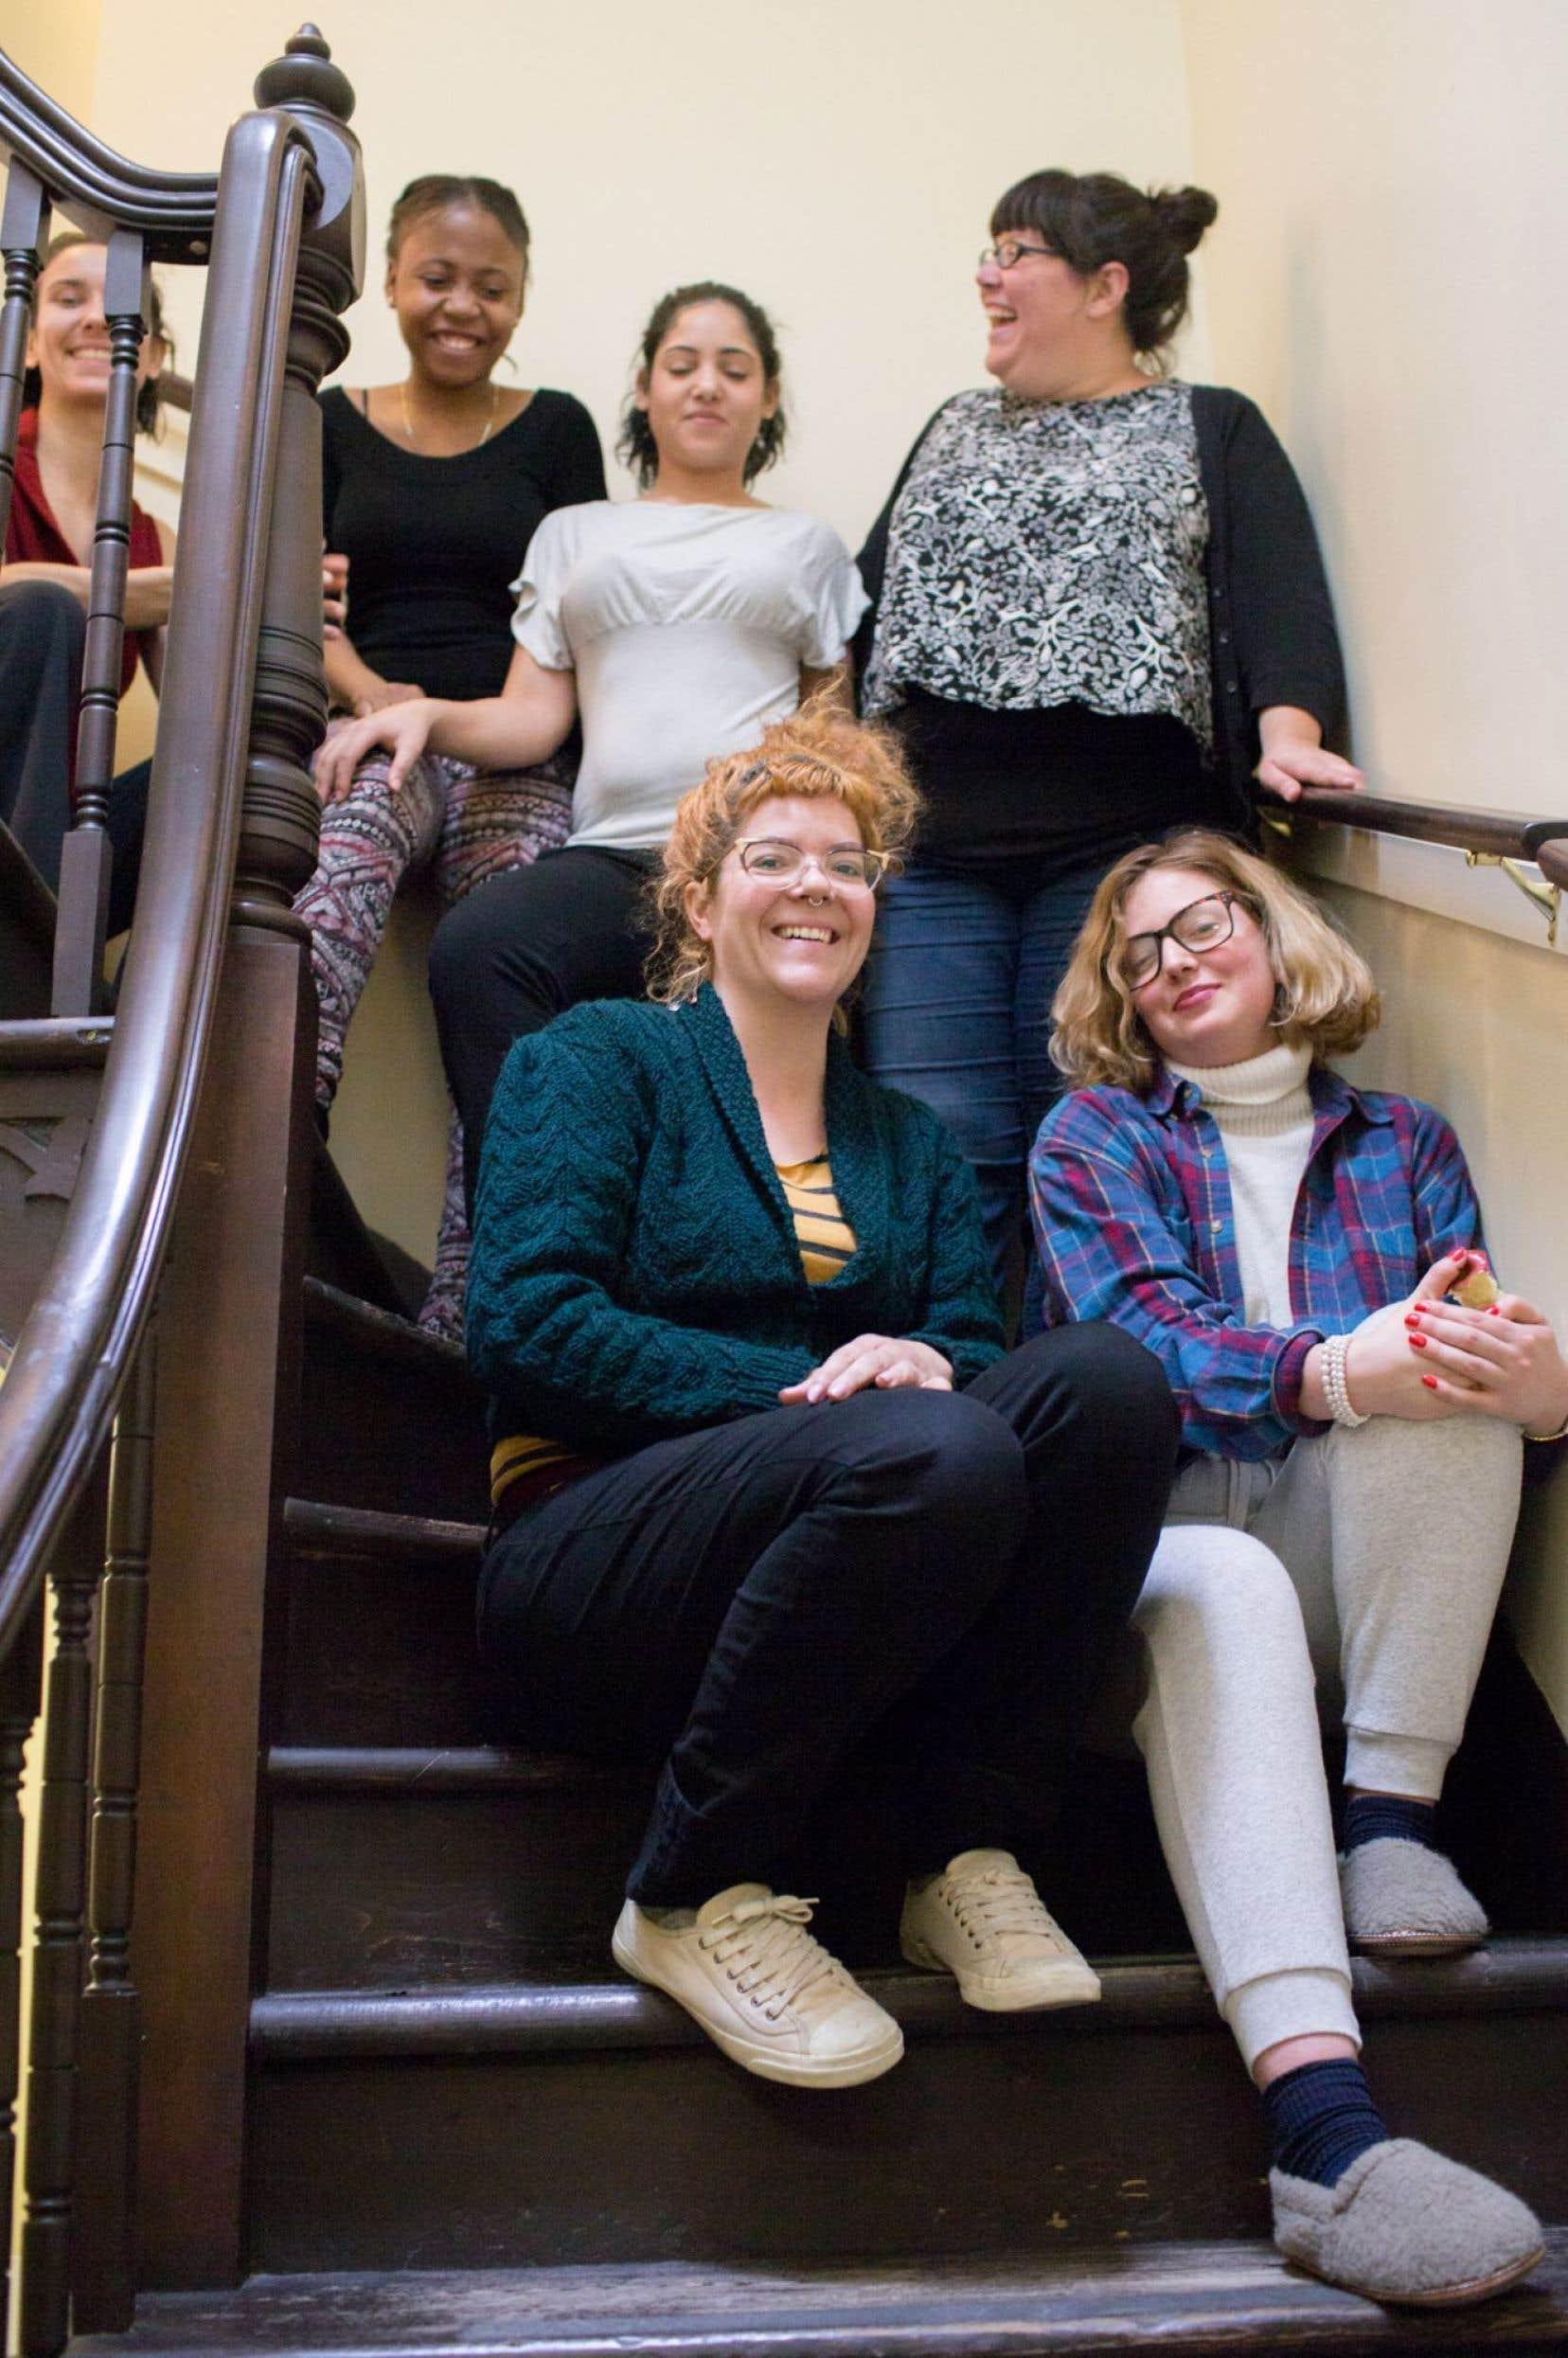 Les passagères ont chacune leurs raisons de se réfugier à Passages. <em>«On est des mamans aimantes, on les accueille comme elles sont»</em>, souligne la directrice Geneviève Hétu, debout à l'arrière, entourée de trois passagères, d'une intervenante et de la professeure de danse de l'atelier donné le jour de notre visite.